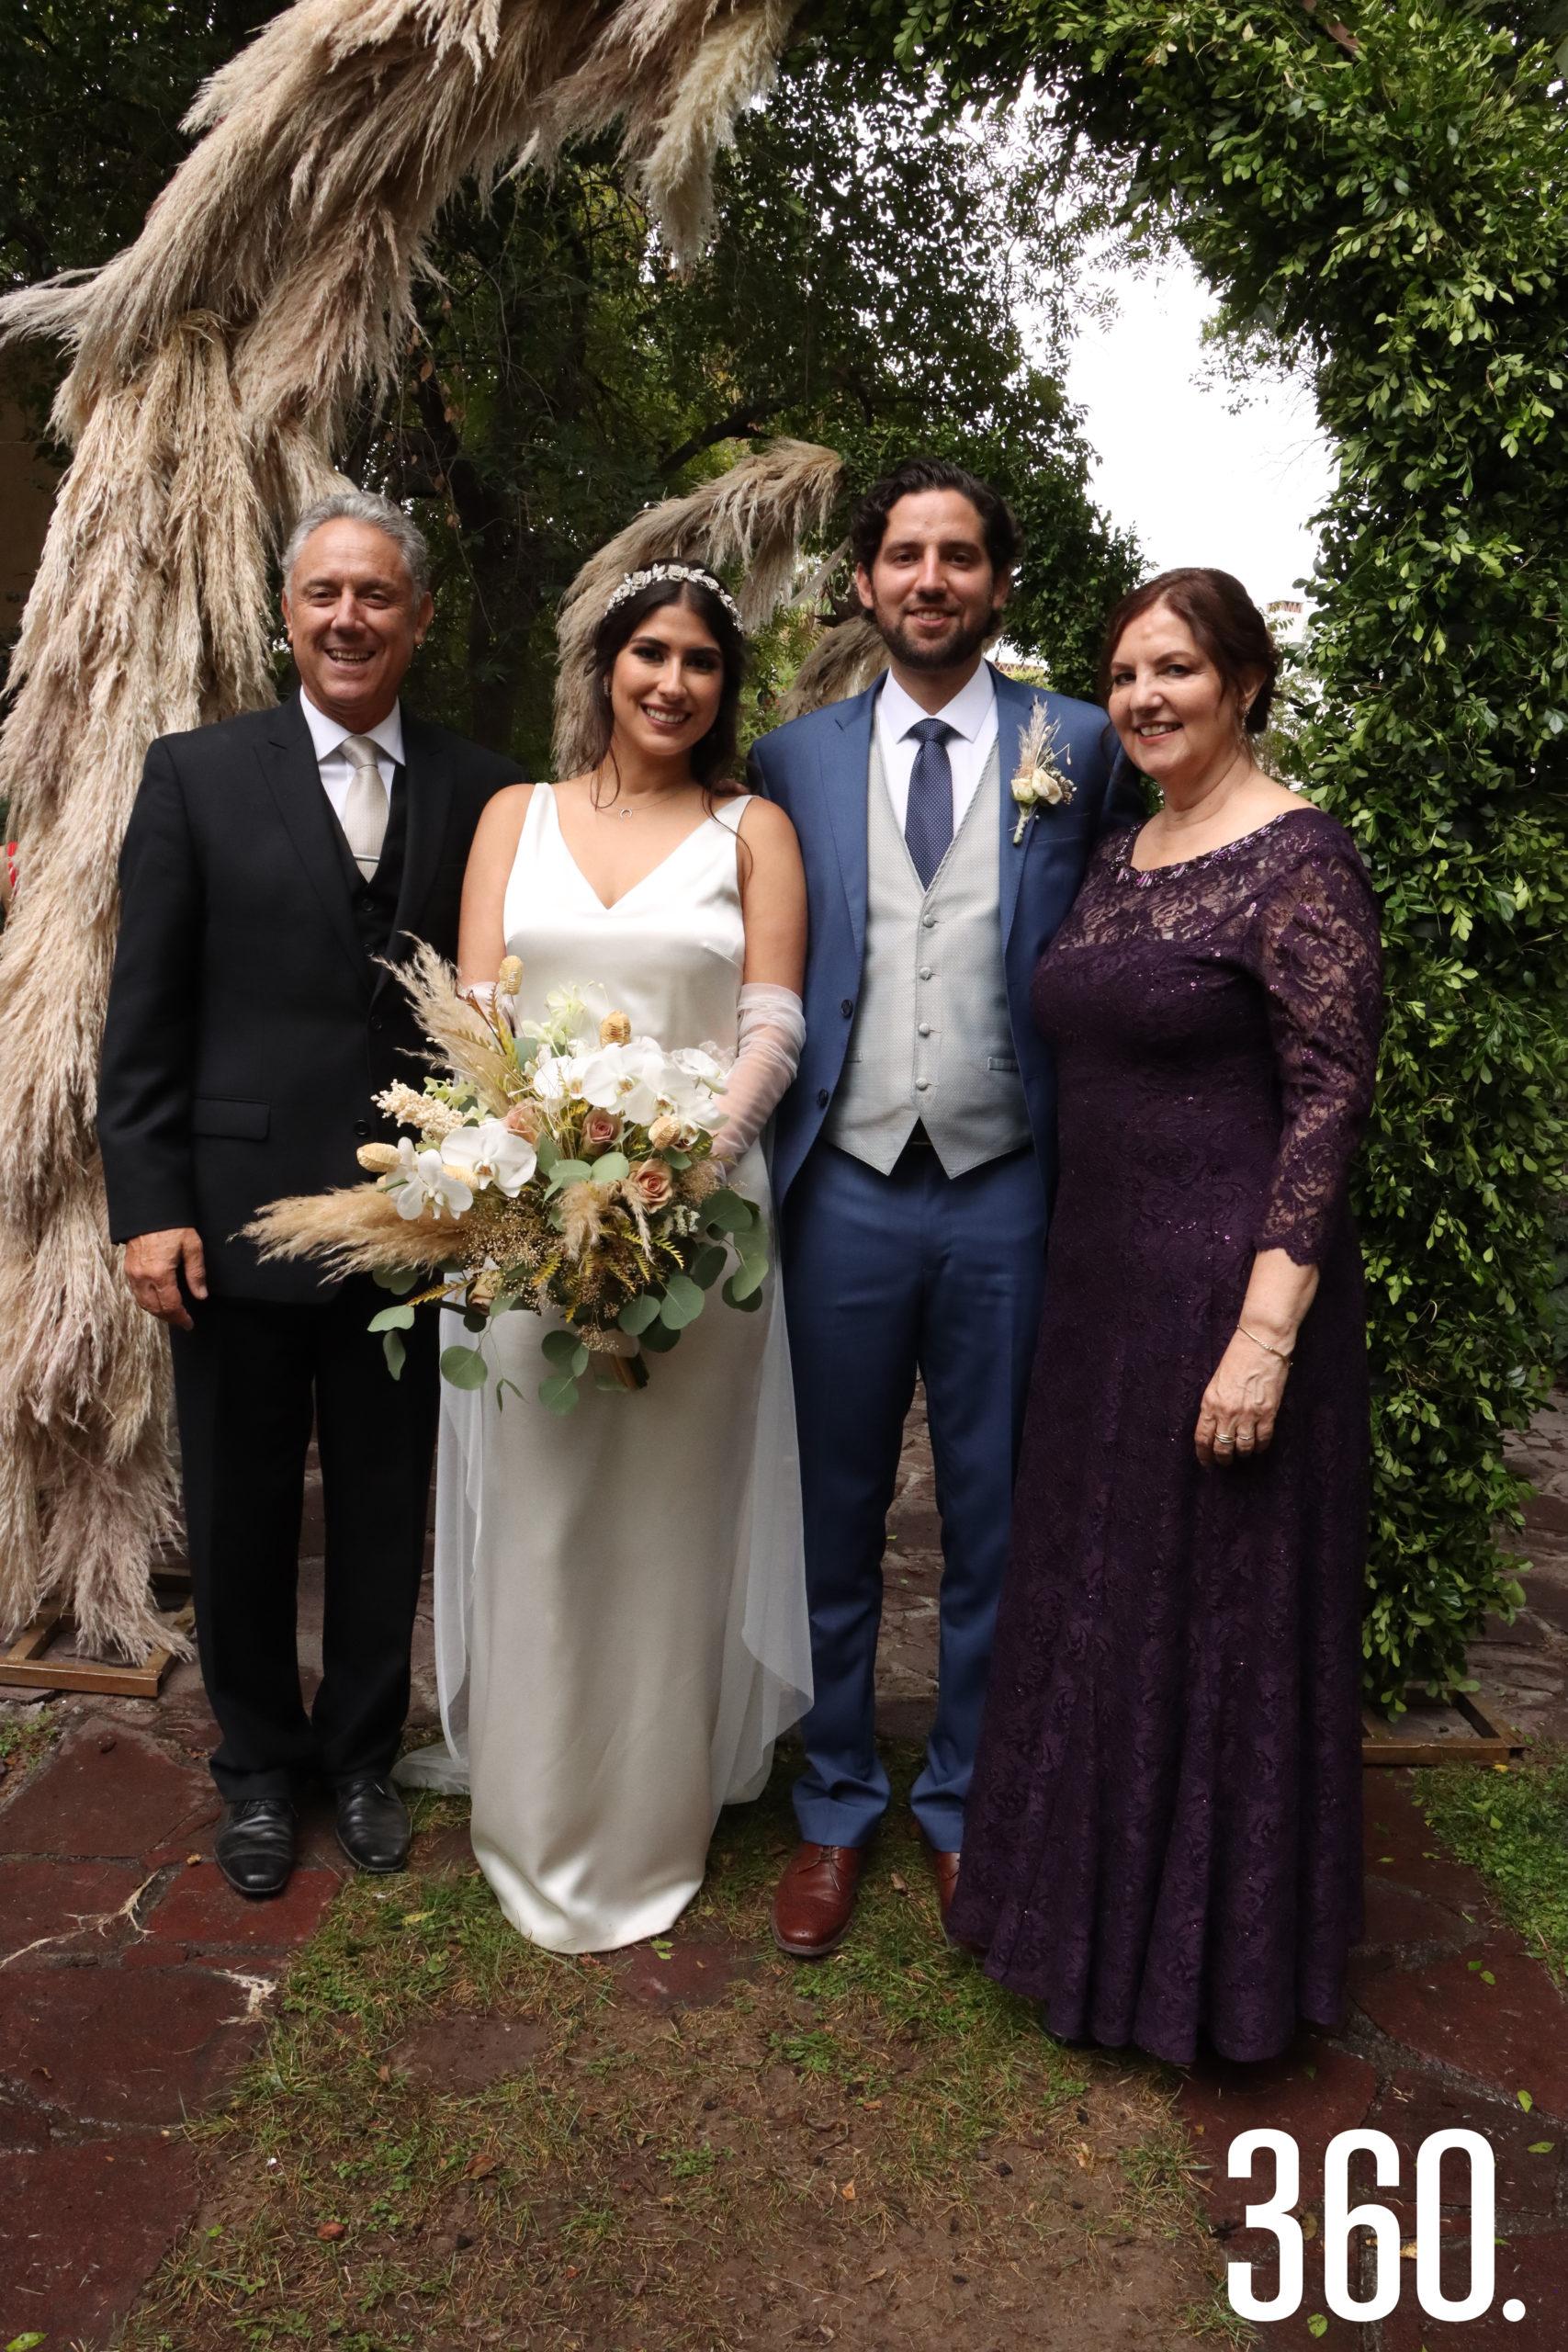 Ricardo y Karen acompañados por los padres del novio Javier Aguirre y Yolanda González.